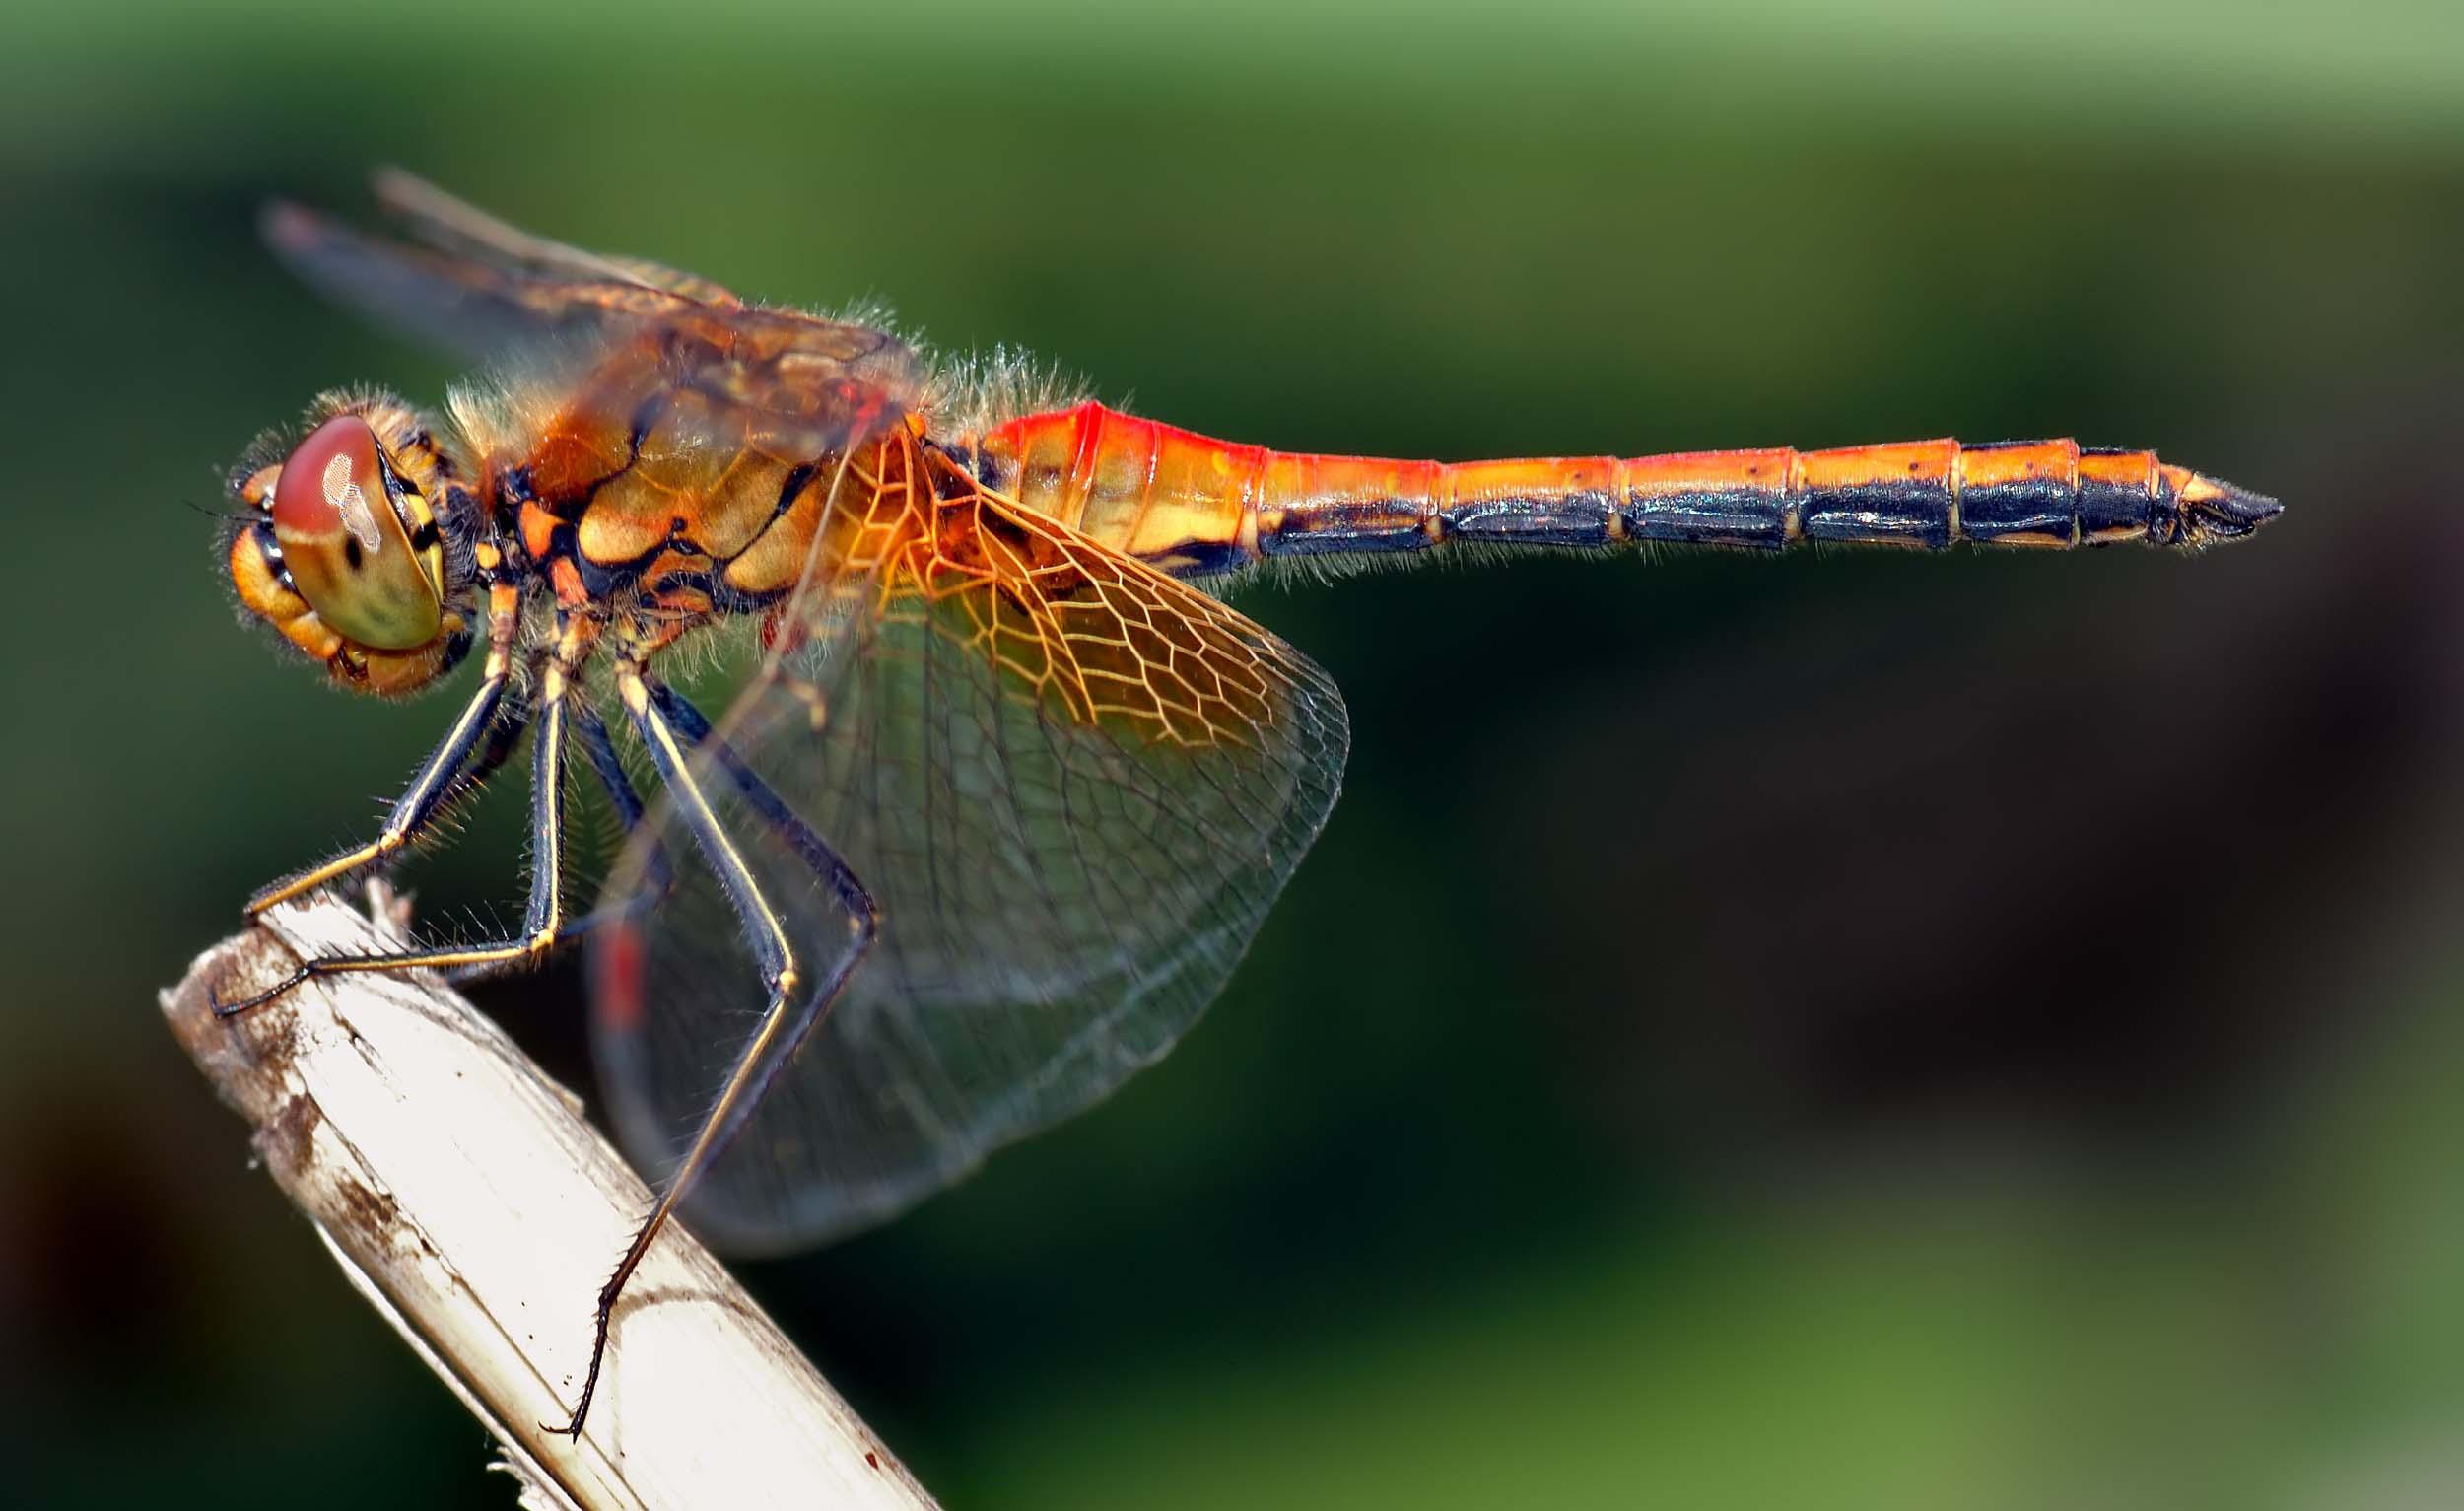 <b>Dragonfly</b>